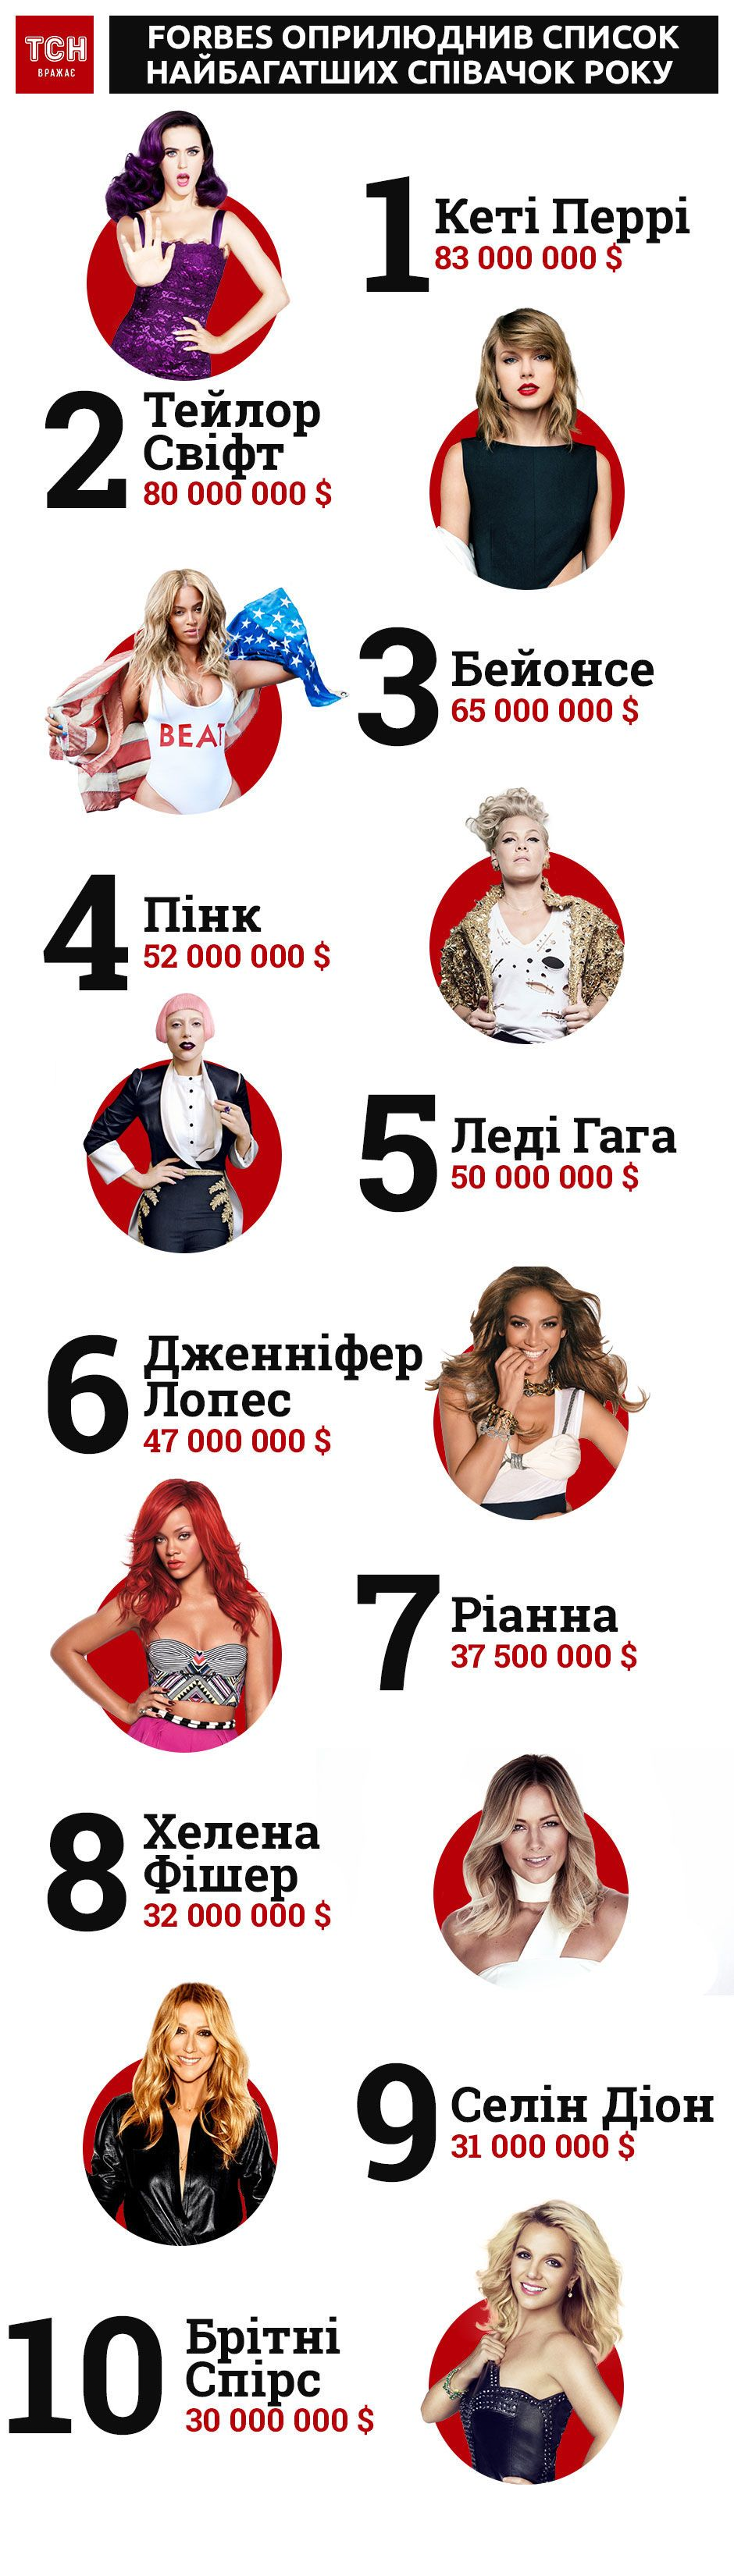 Найбагатші співачки 2018, інфографіка